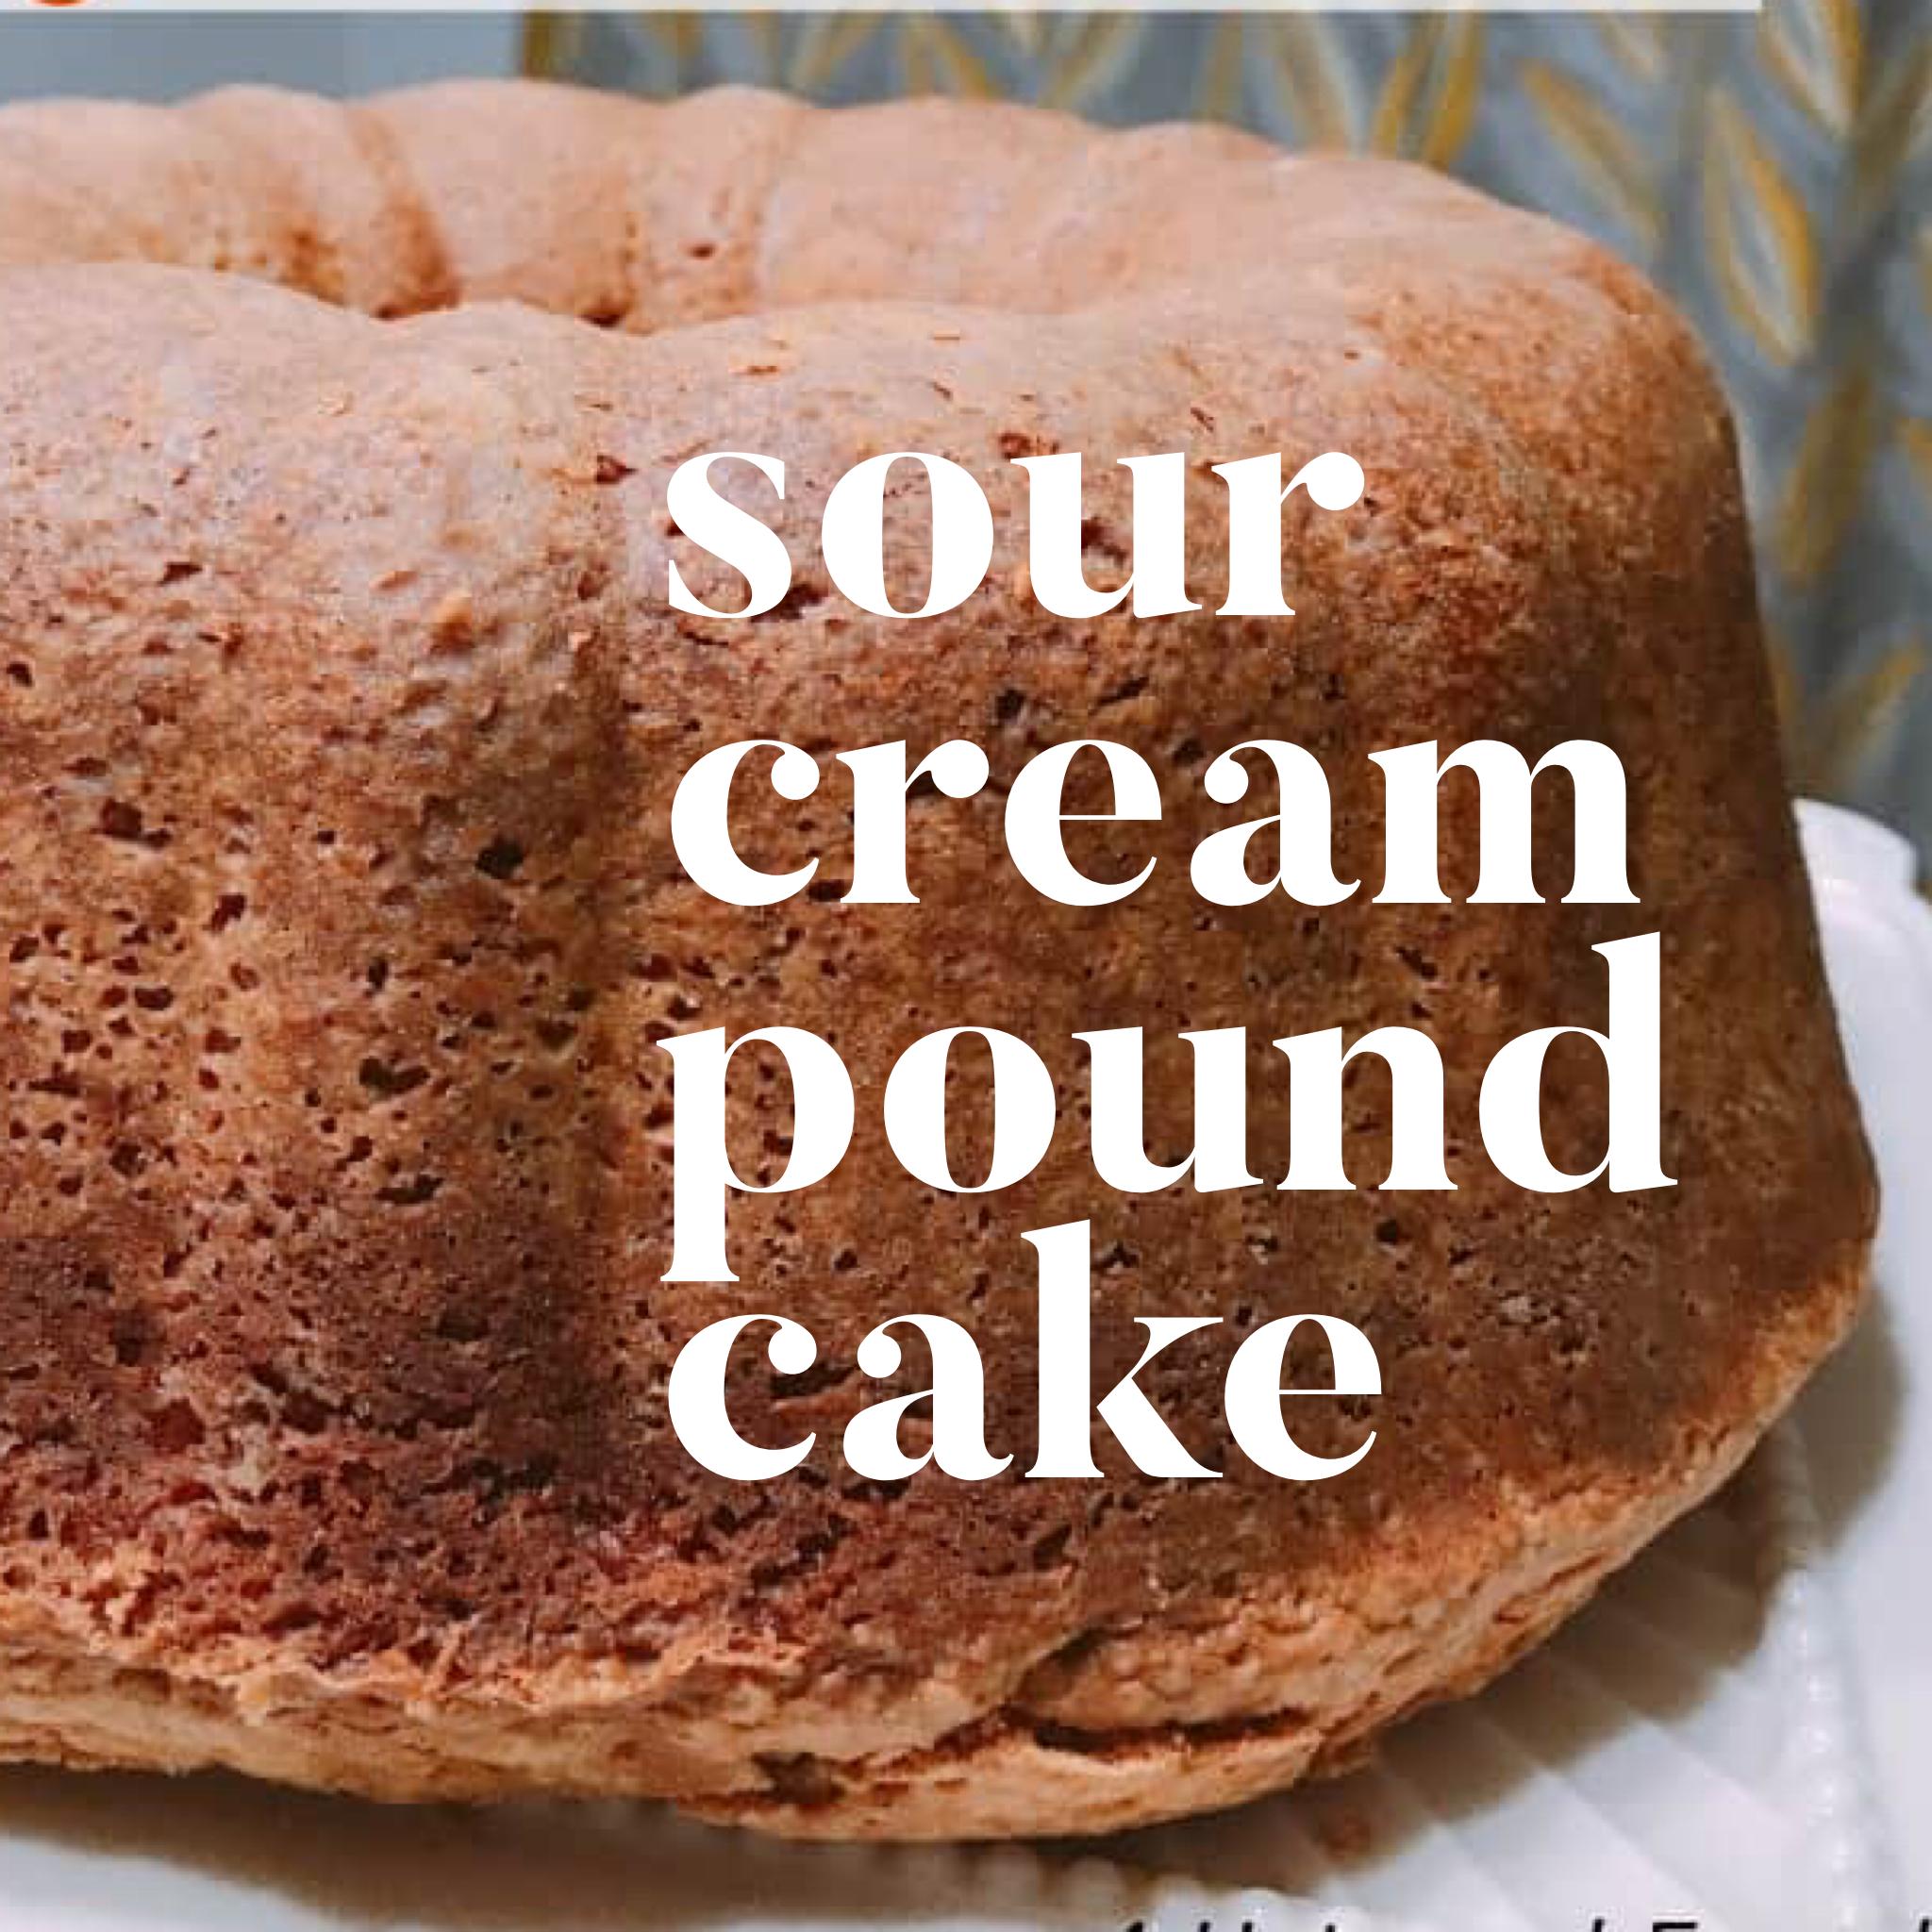 Grandma S Sour Cream Pound Cake Sour Cream Pound Cake Sour Cream Pound Cake Recipes